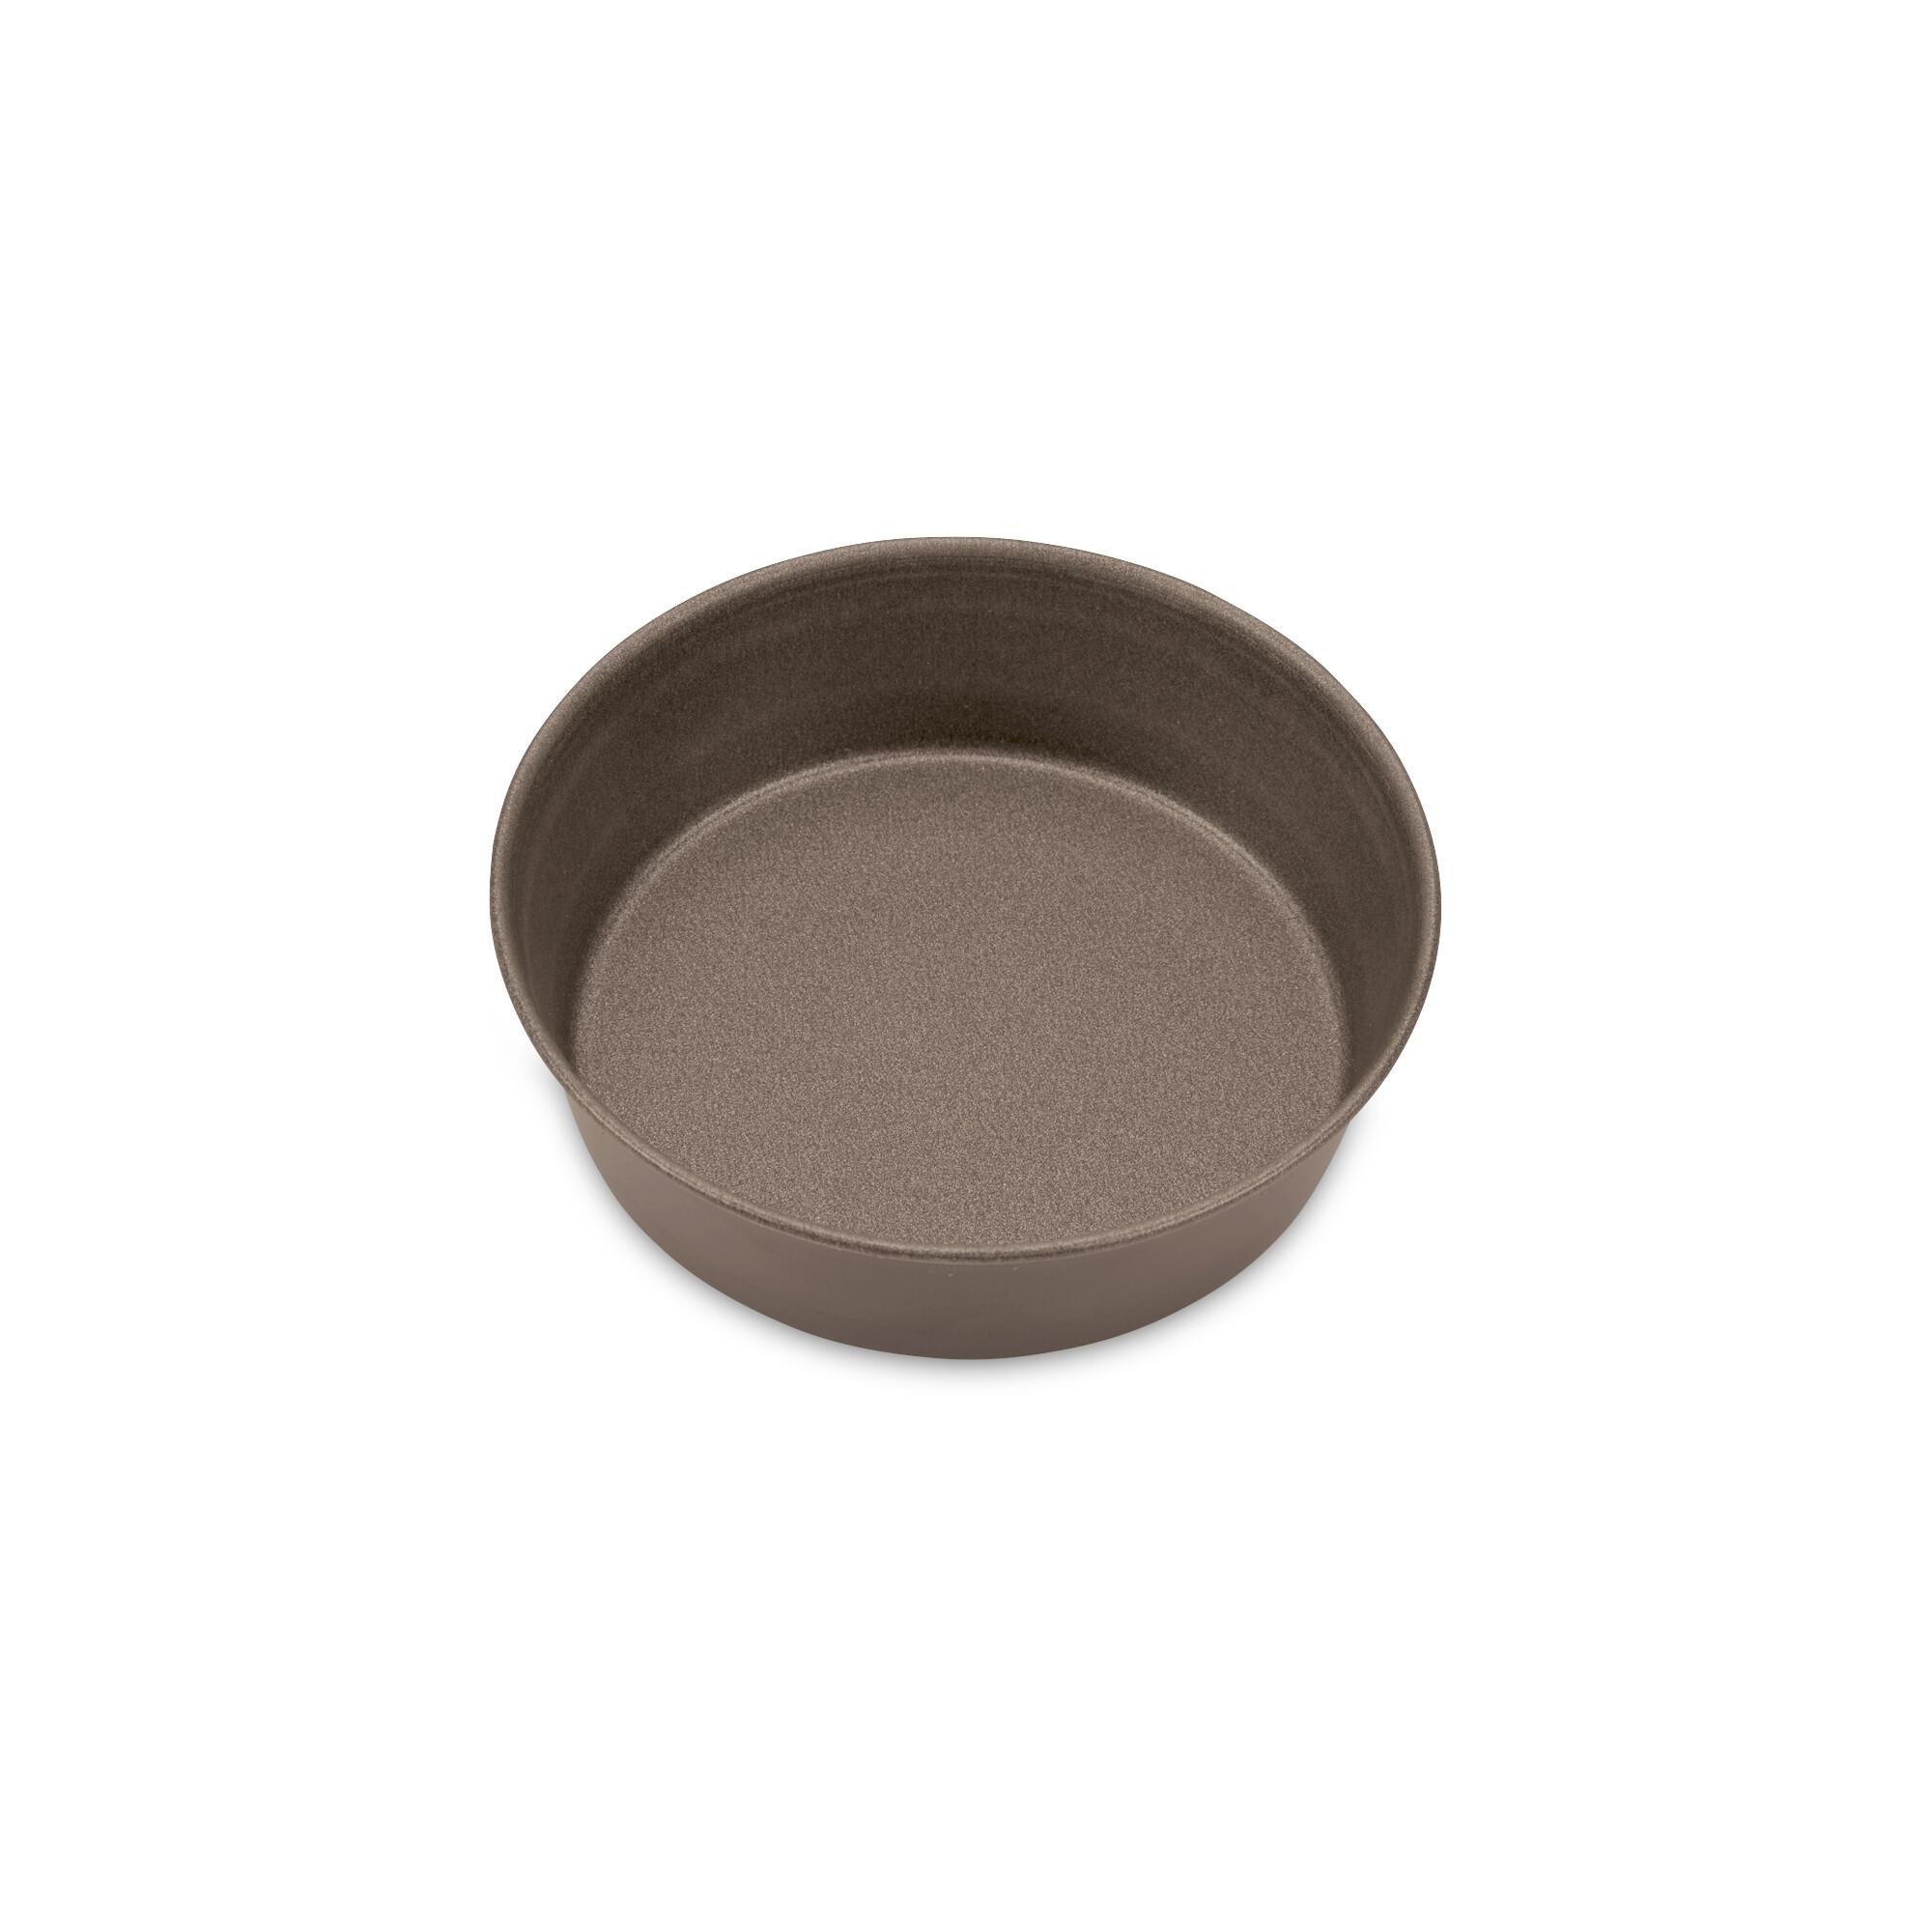 Perfect - Milason tin / Cake tin with solid bottom - Round - 2 pieces